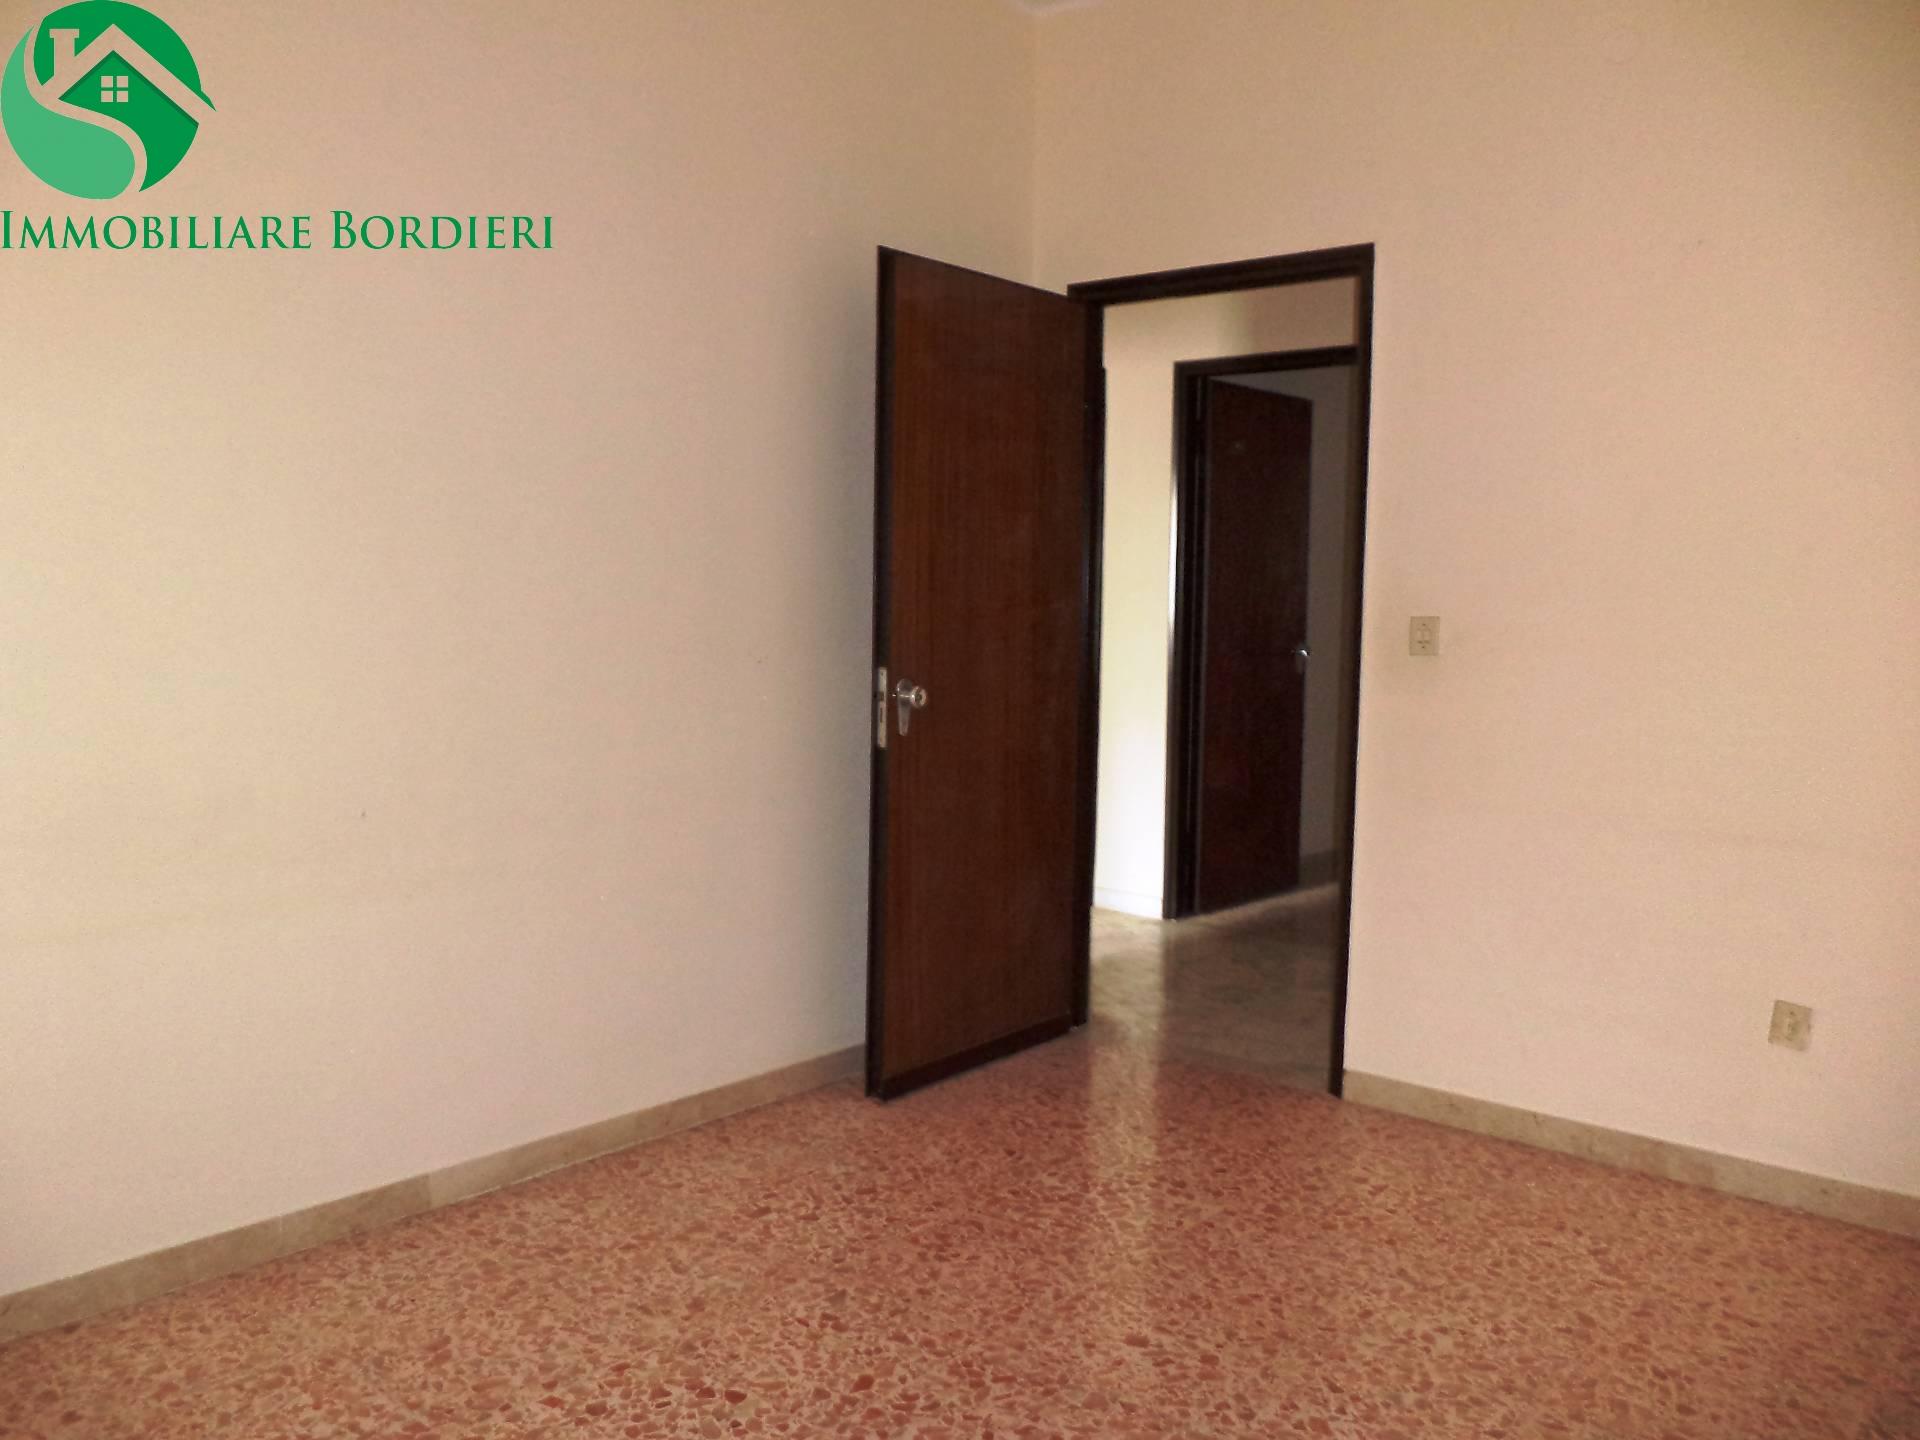 Appartamento in vendita a Siracusa, 4 locali, zona Località: Zecchino, prezzo € 105.000 | CambioCasa.it